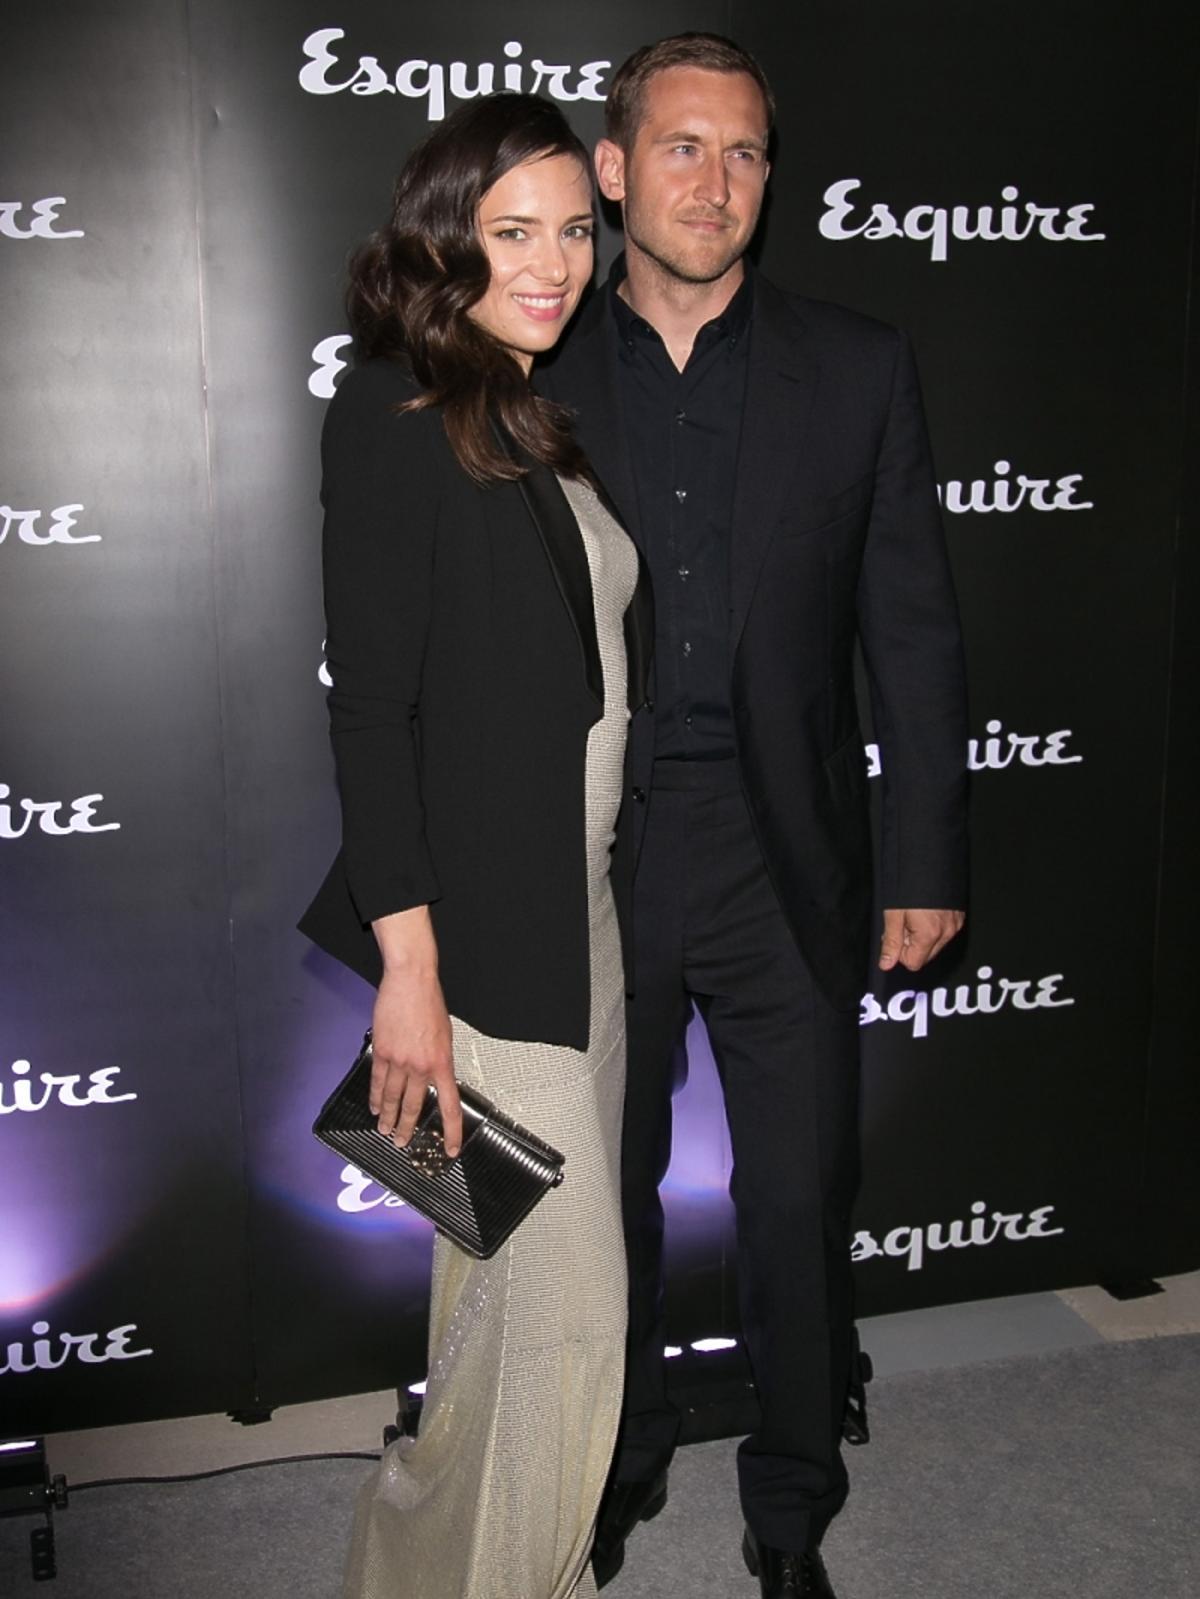 Anna Czartoryska i Michał Niemczycki na imprezie magazynu Esquire